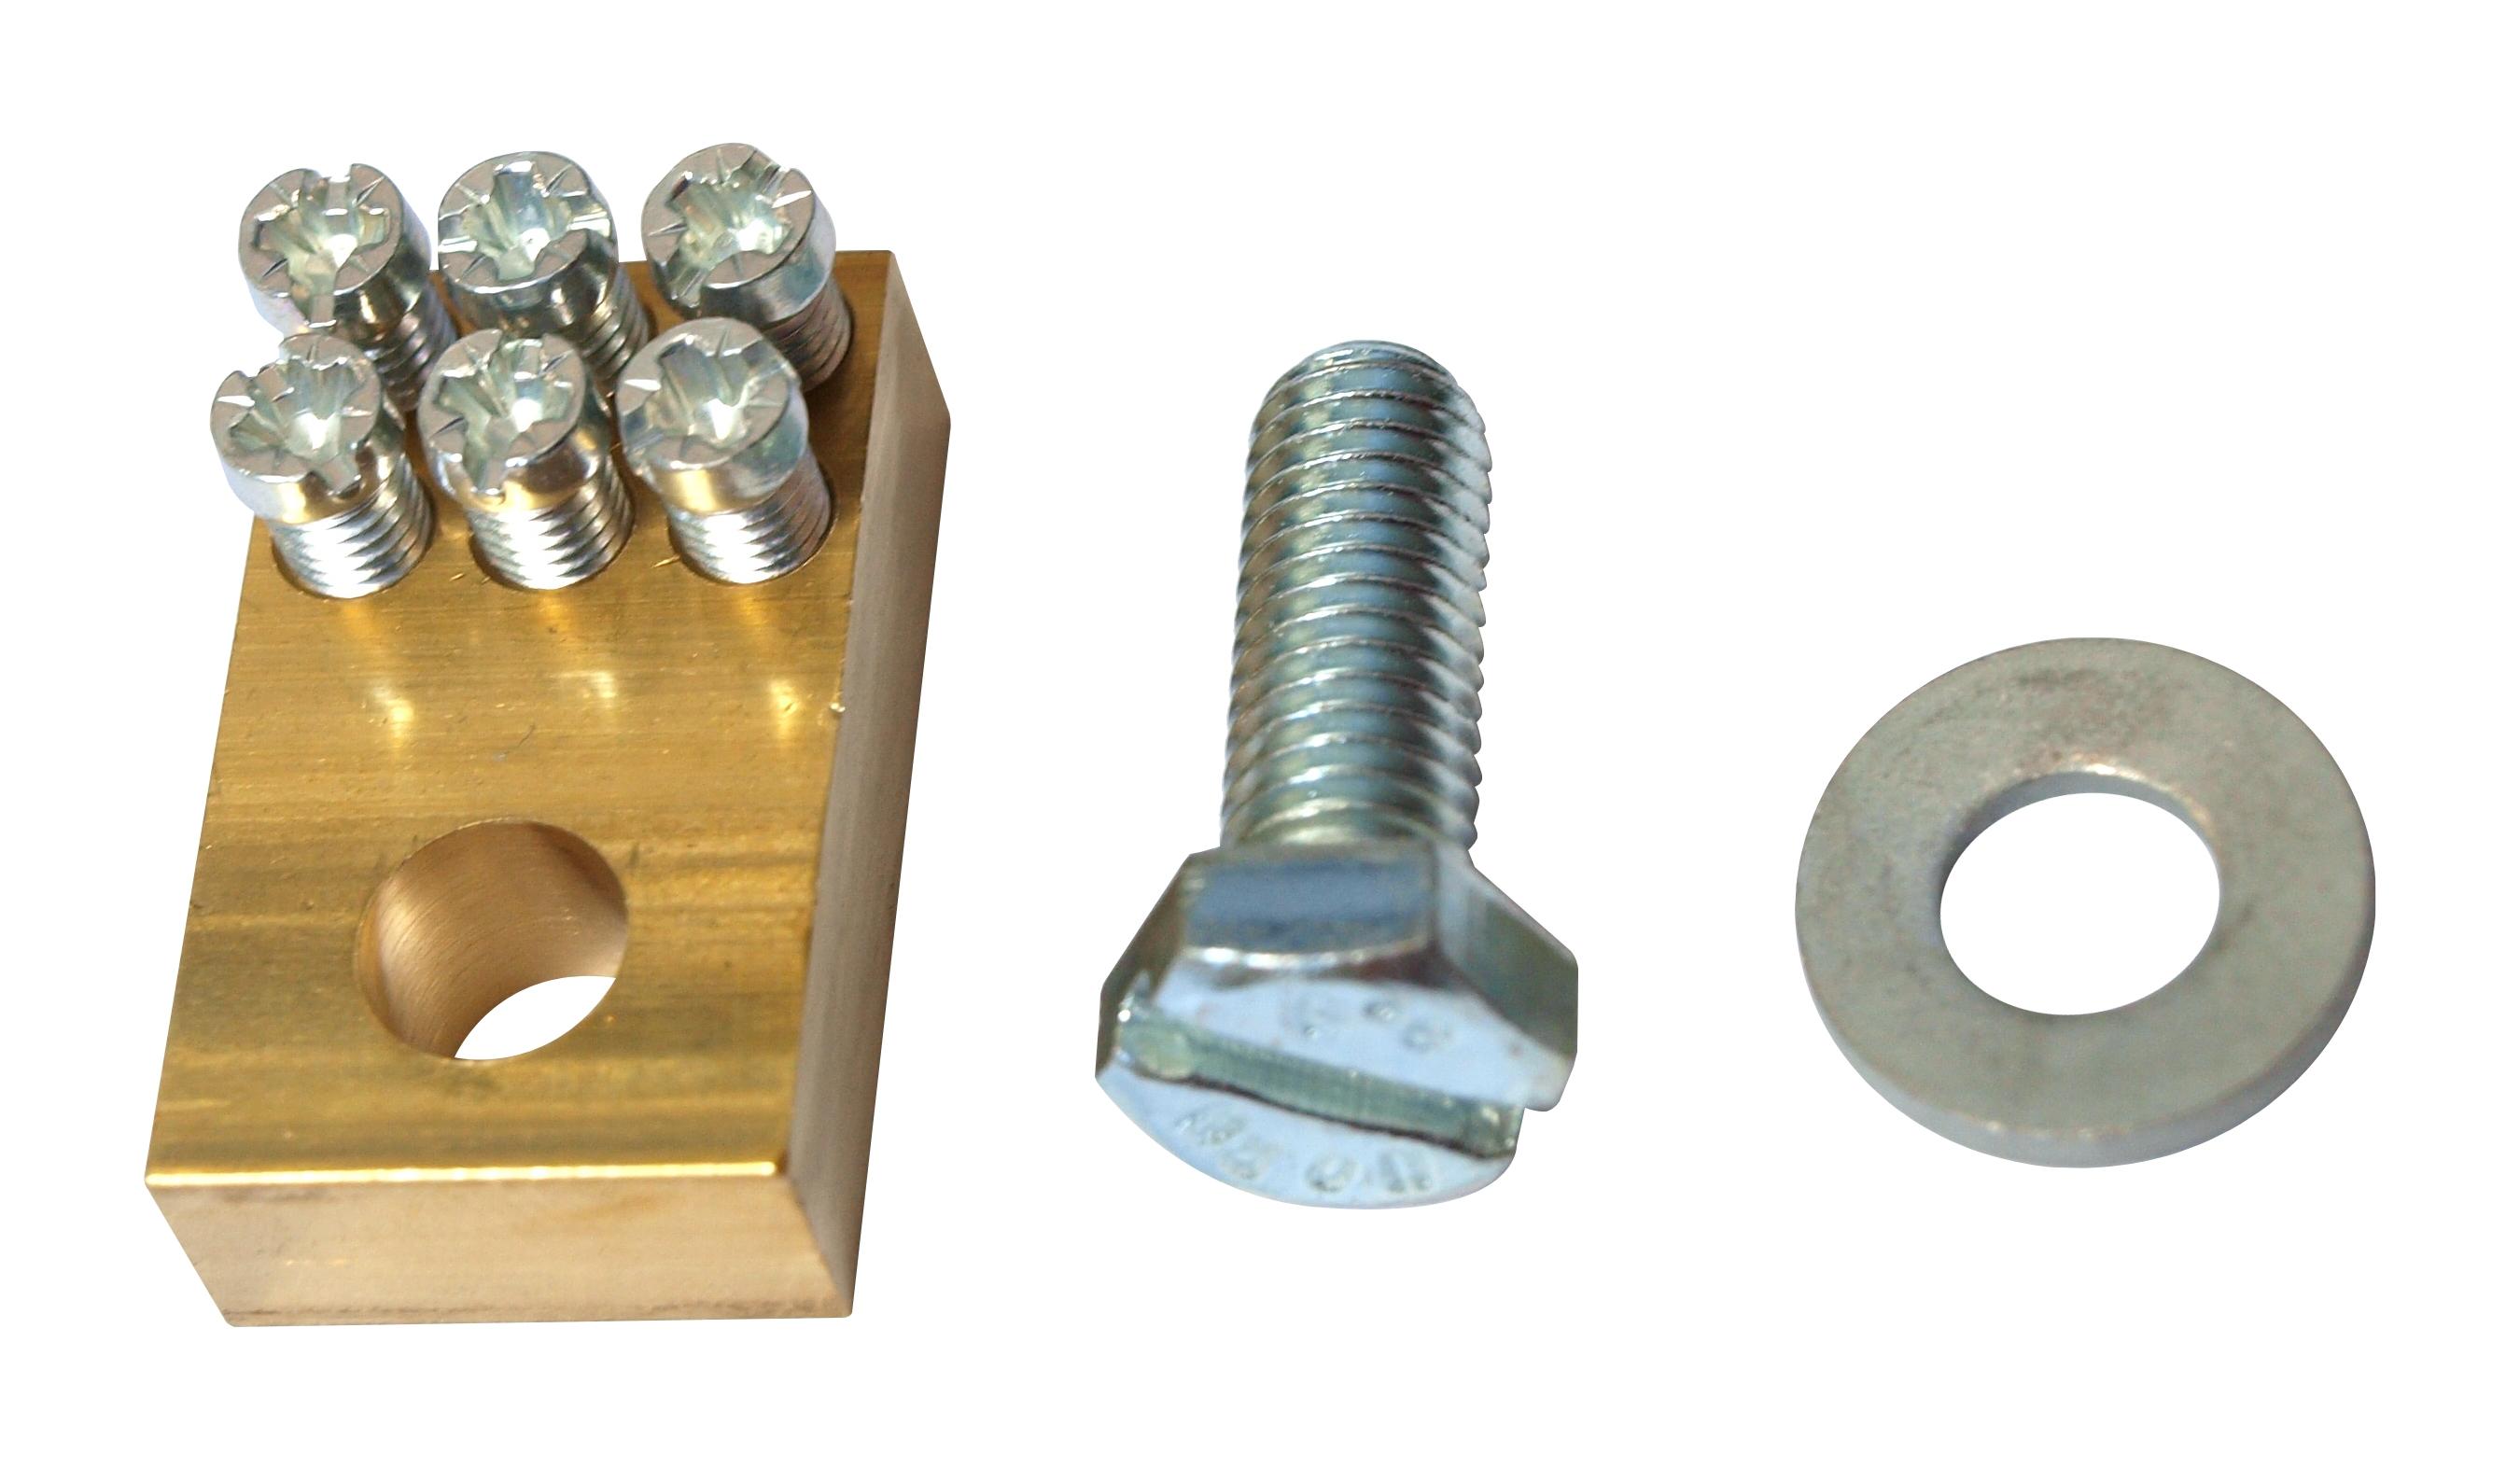 1 Stk Buchsenklemme 2 x 1,5 - 25mm² und 1 x 1,5 - 16mm² SI011820--